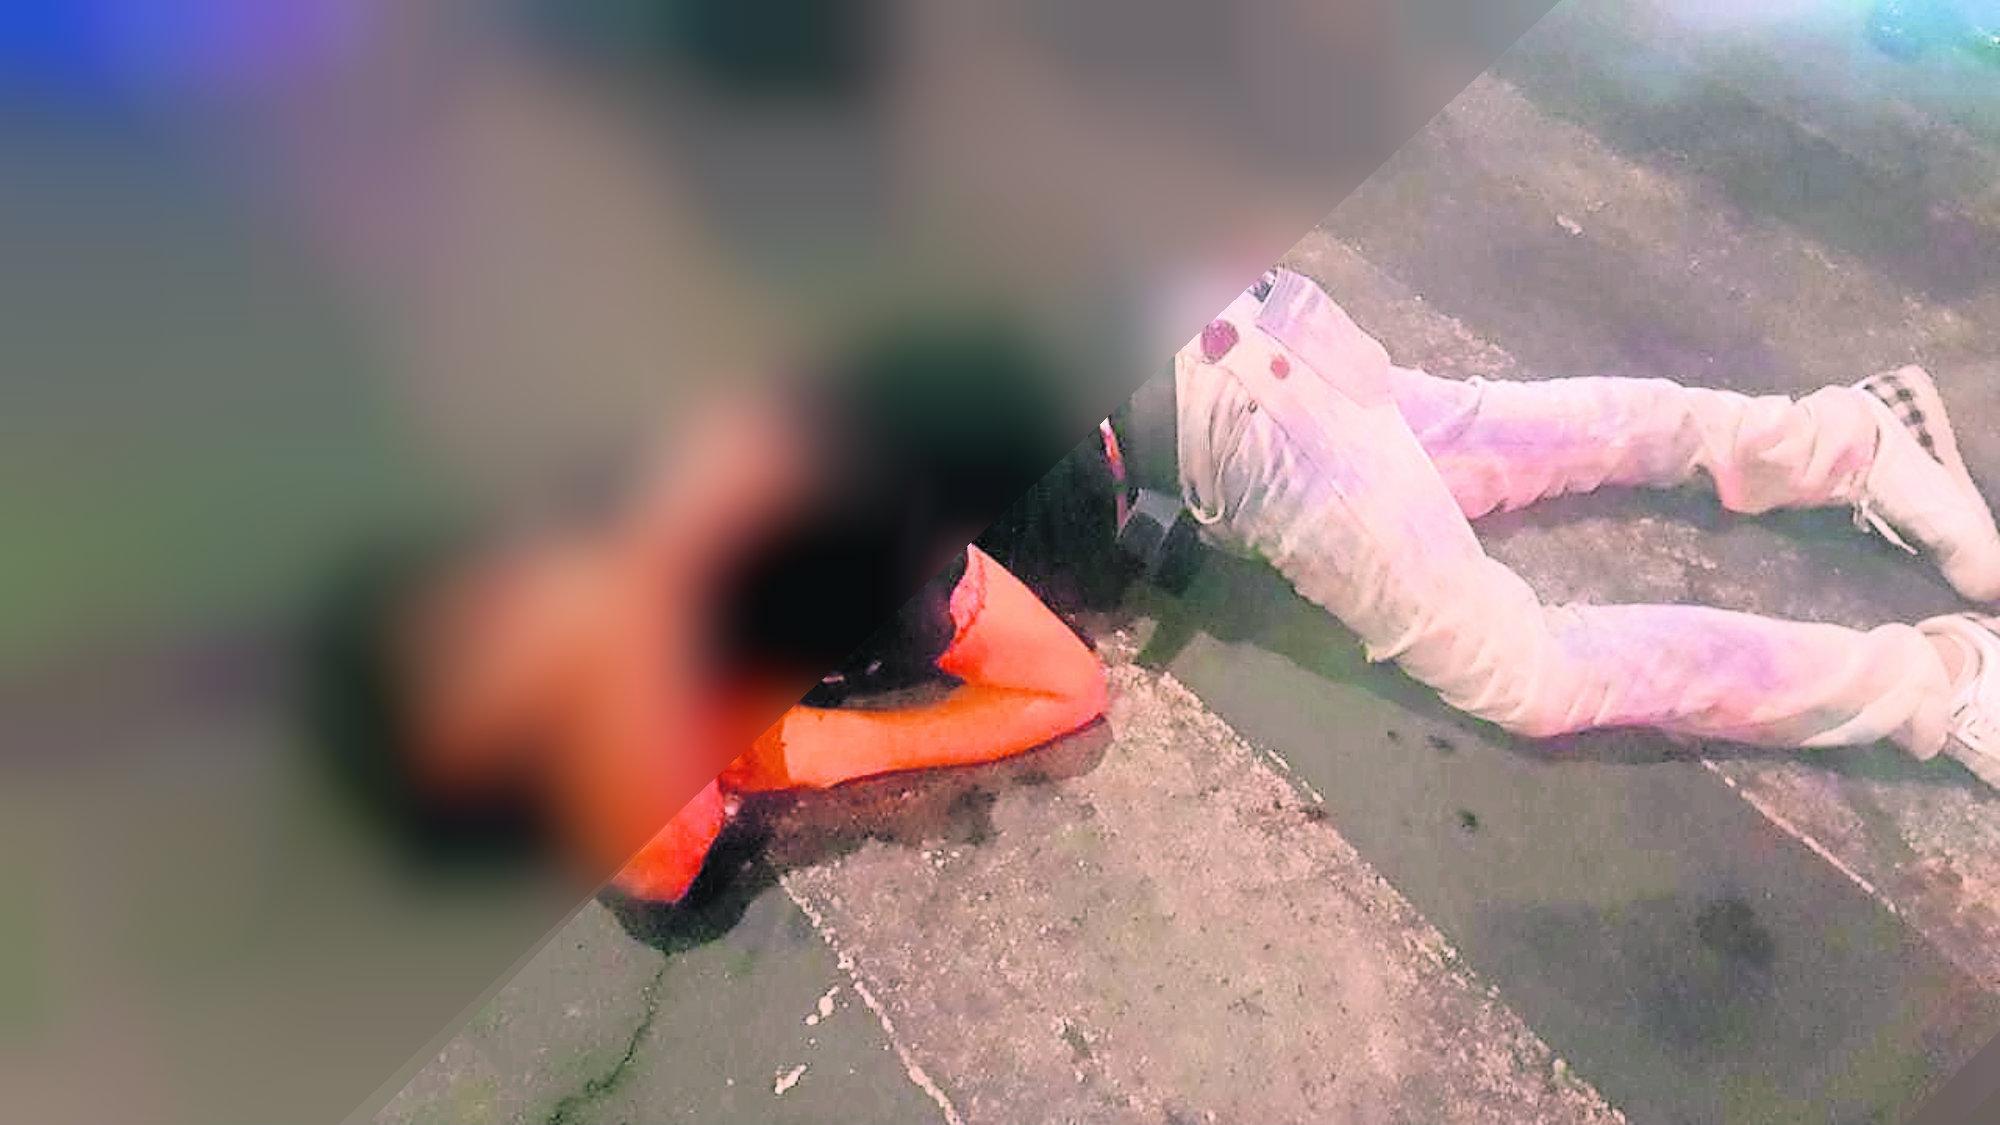 Sicarios cobran deuda Joven acribillado CDMX Colonia Guerrero